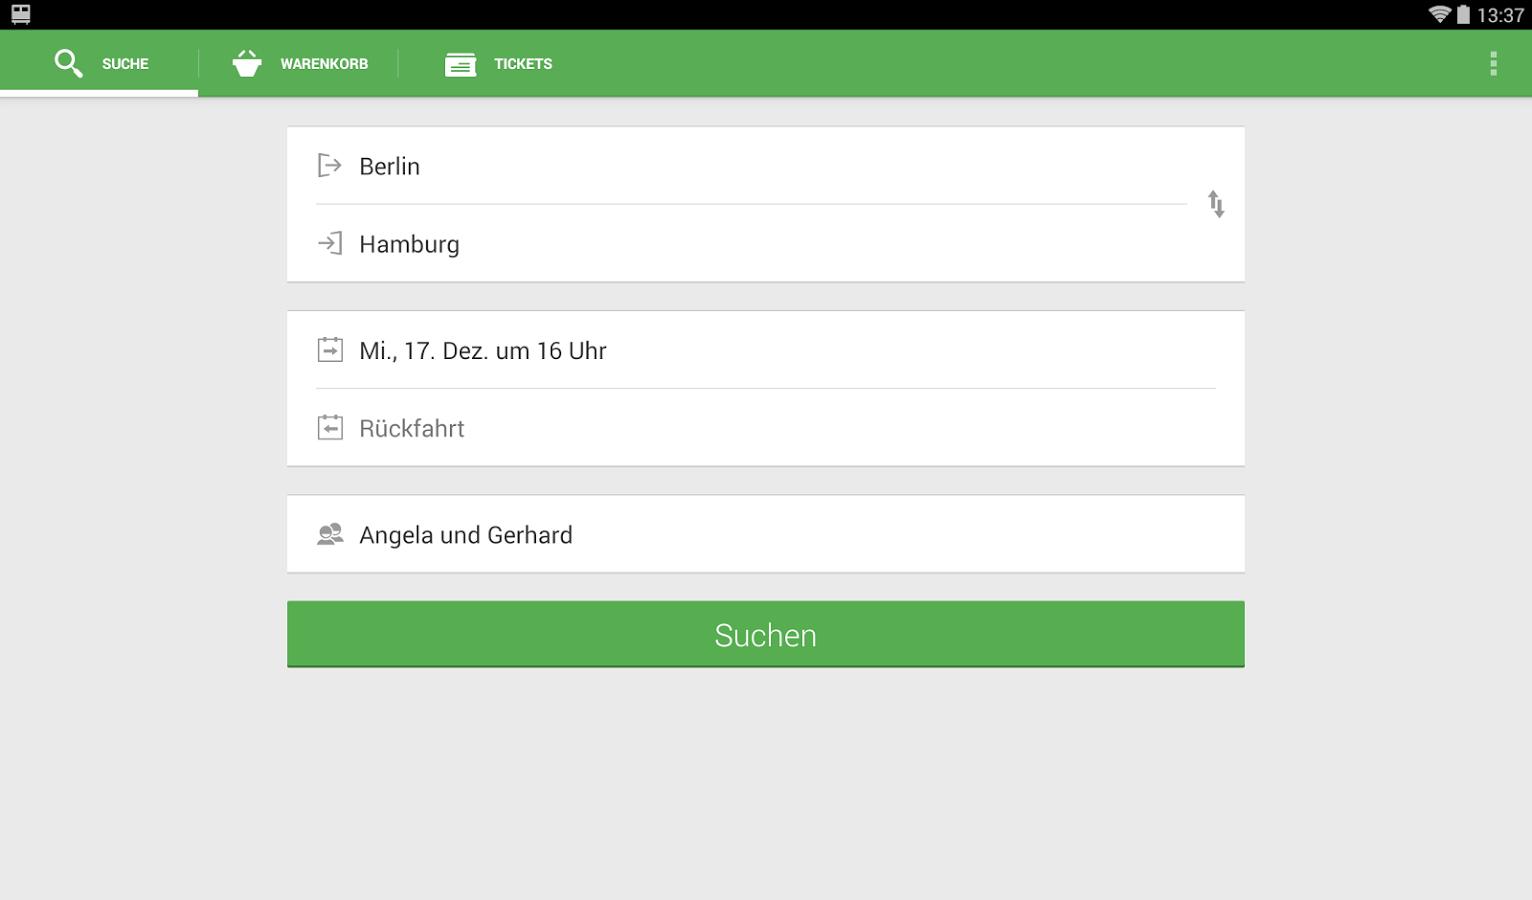 Screenshot von Capitaine Train: Bahn-Tickets - Android App